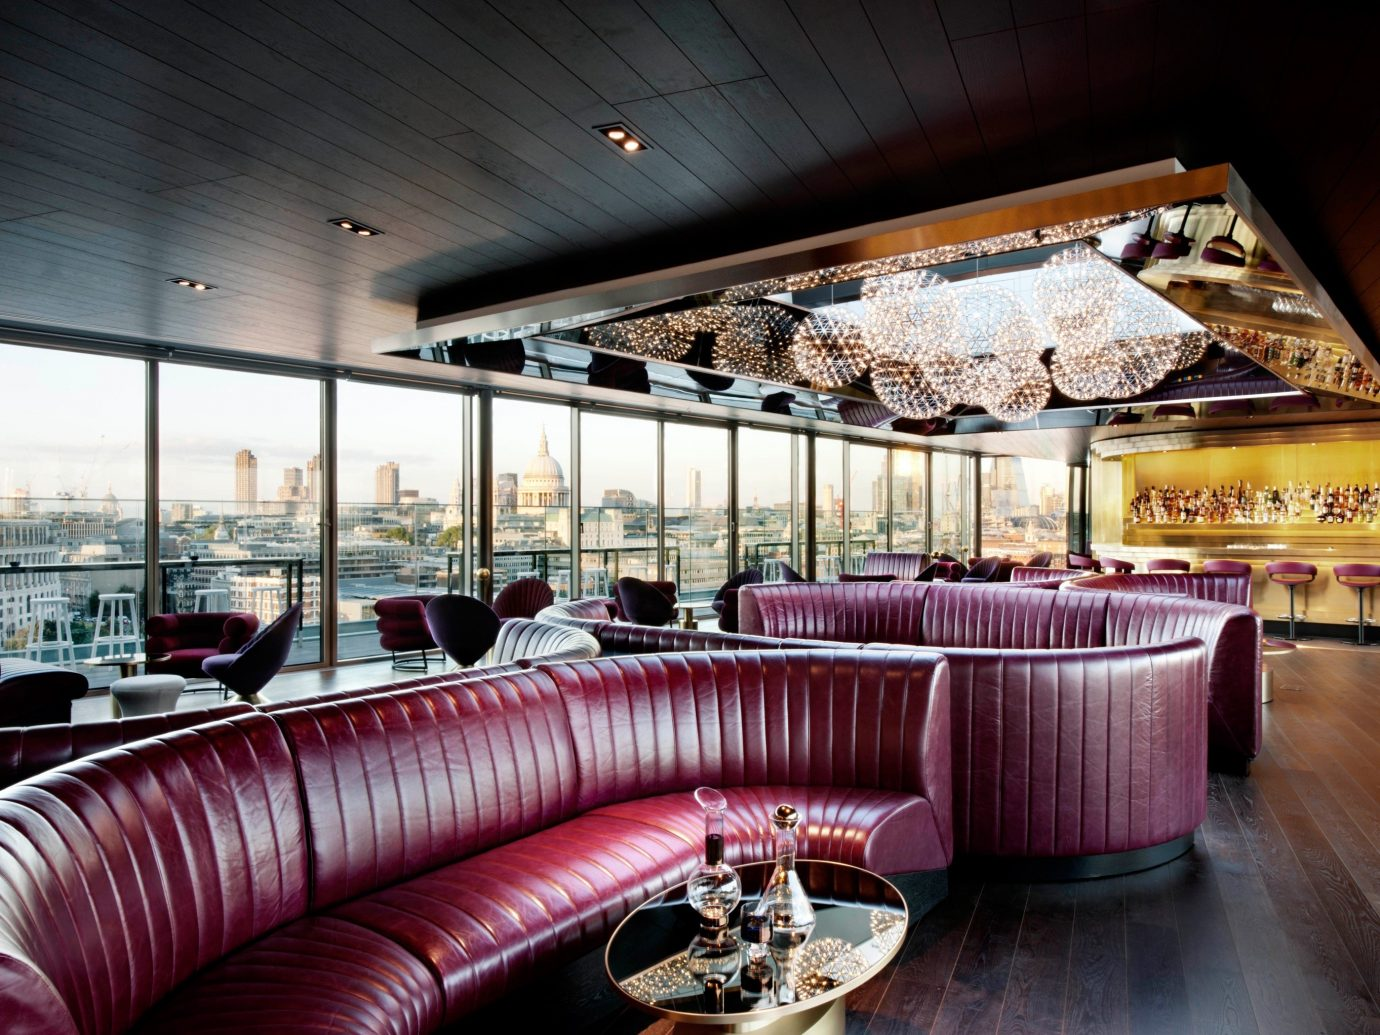 Food + Drink indoor ceiling room Living restaurant Lobby interior design meal function hall estate furniture Design Bar several